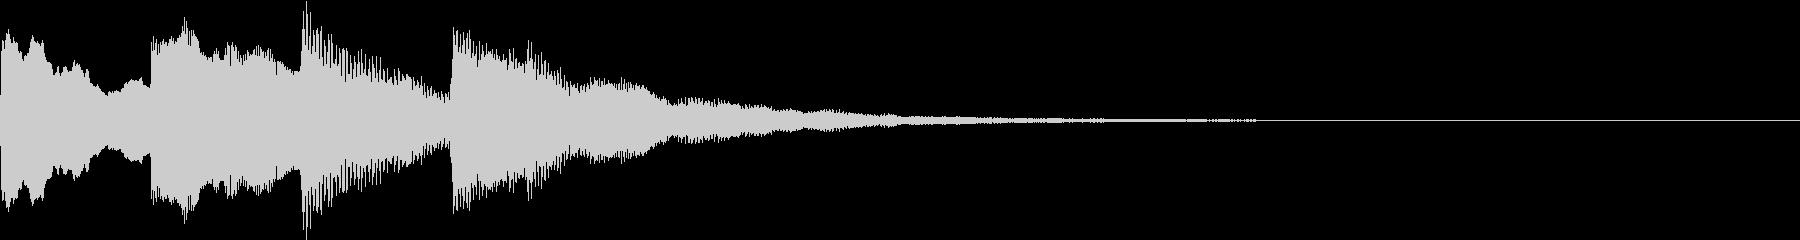 アナウンスの終了音 01の未再生の波形